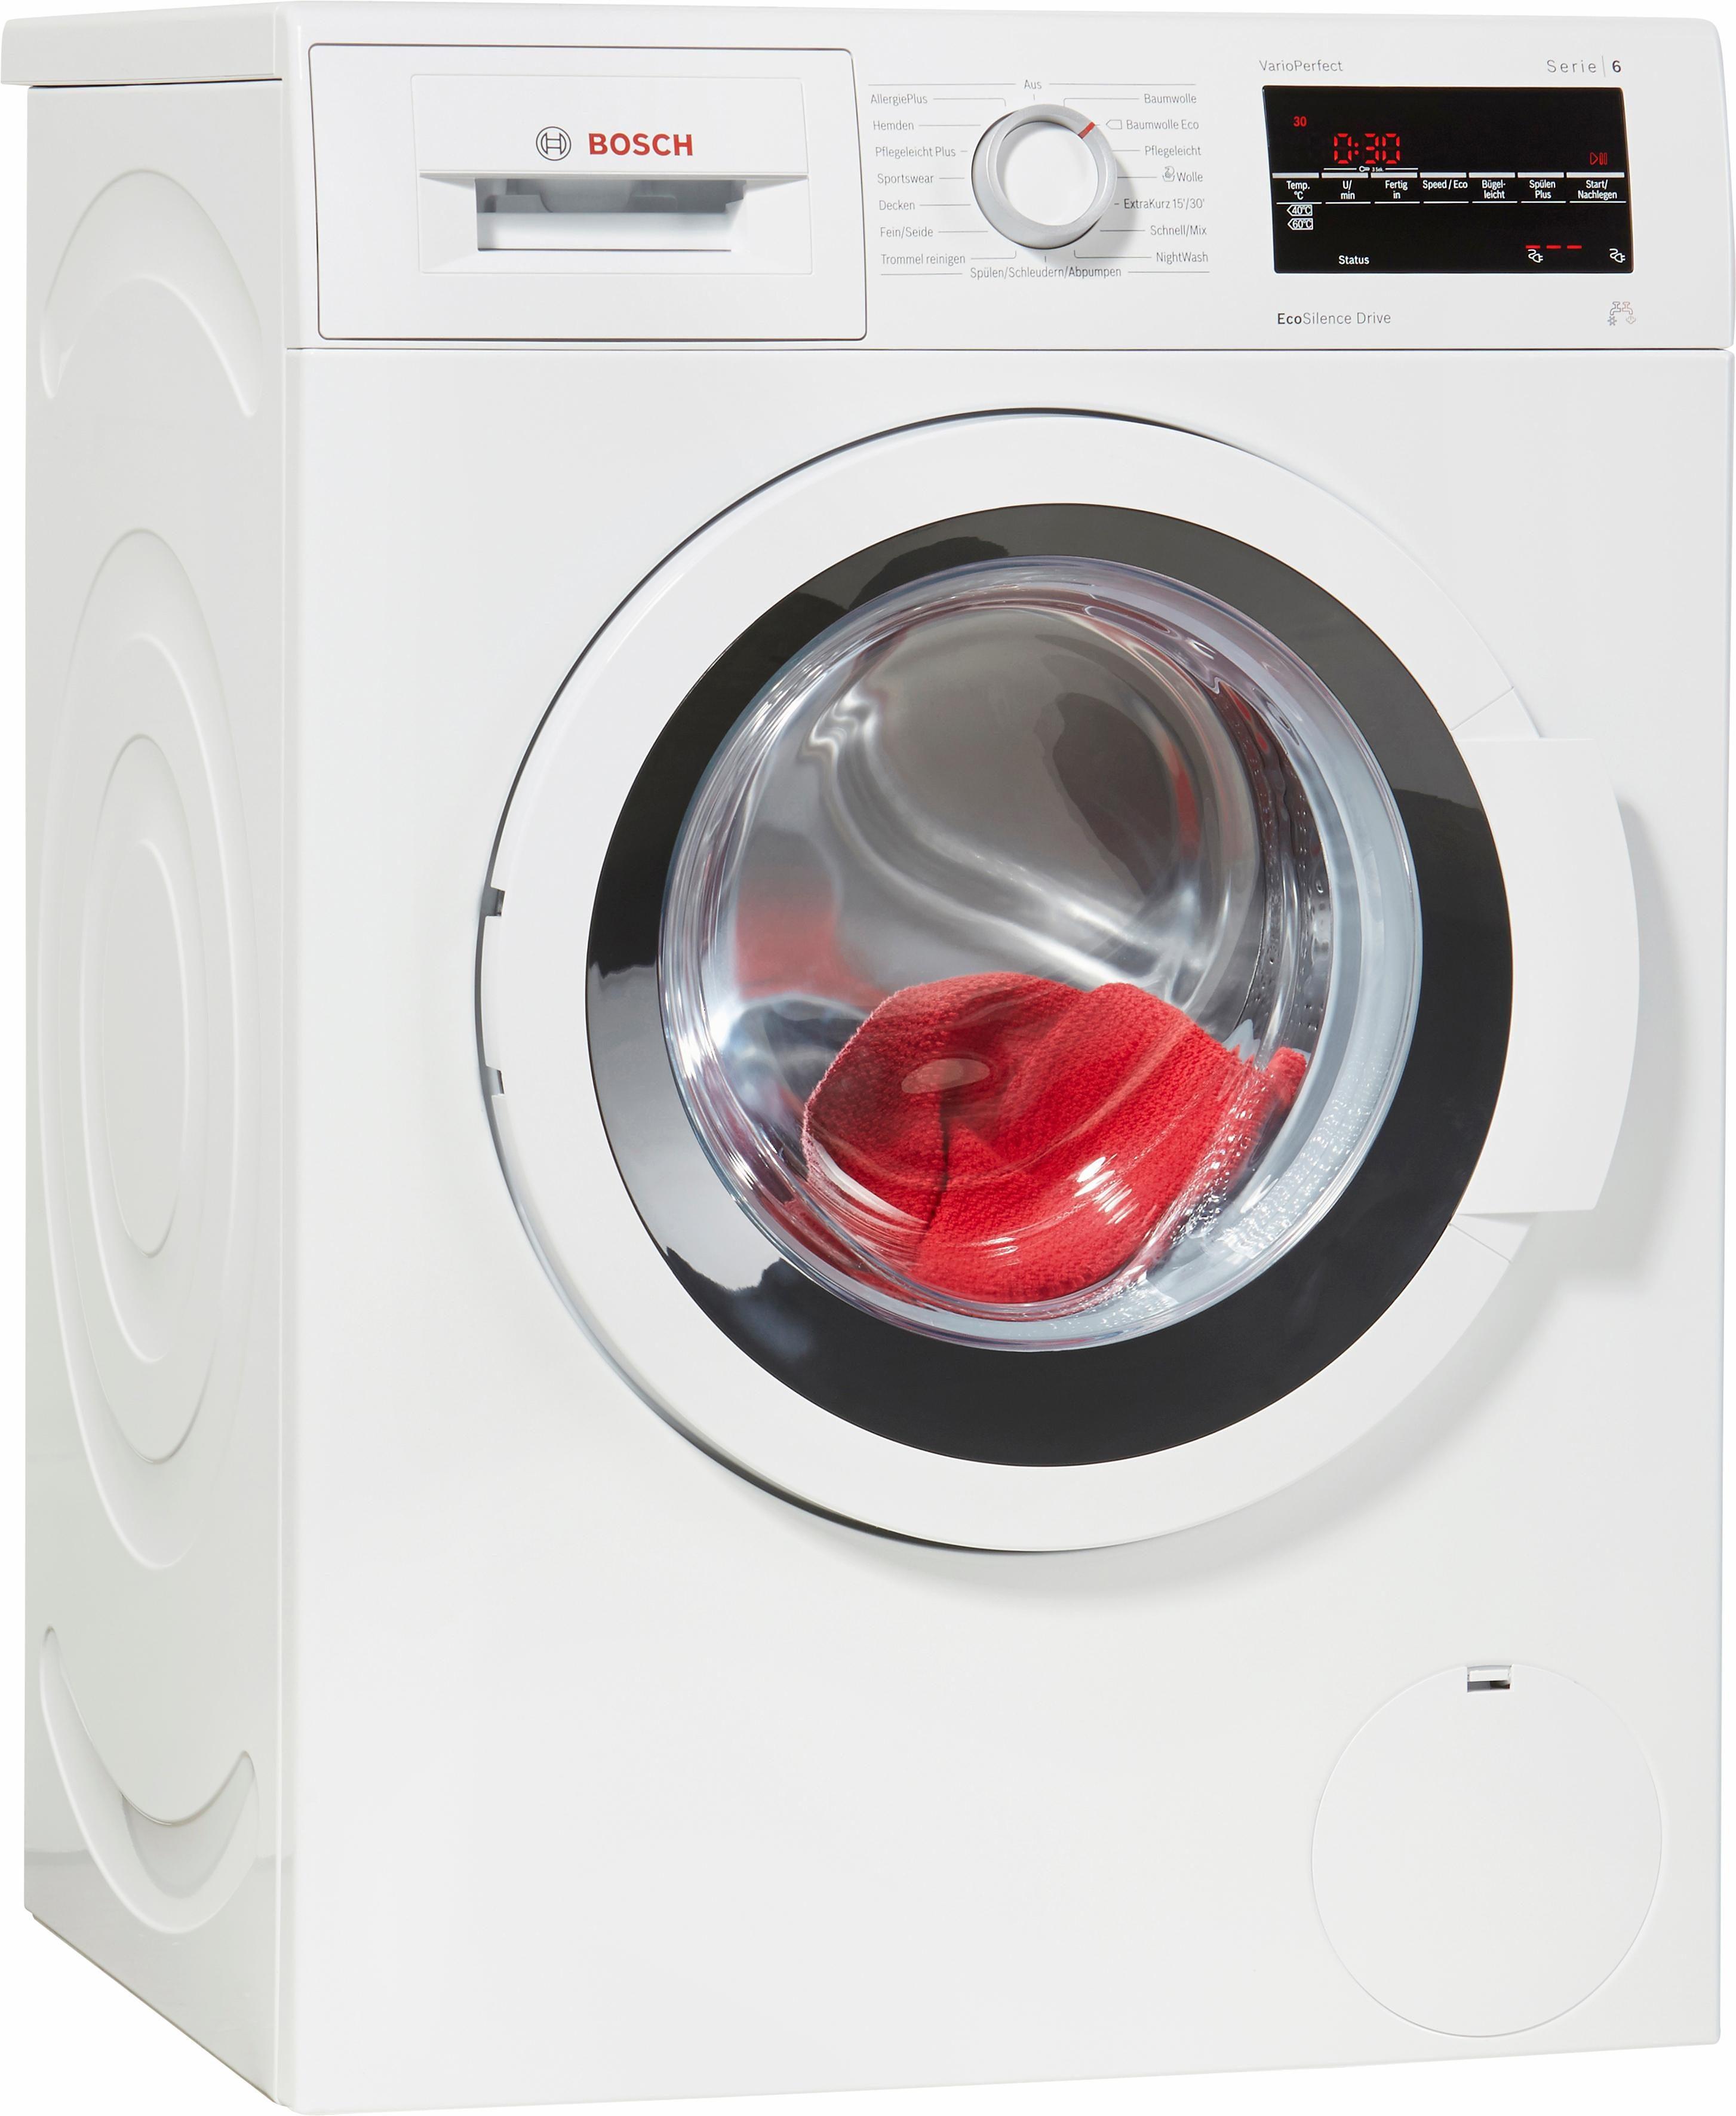 BOSCH Waschmaschine Serie 6 WAT28410, A+++, 7 kg, 1400 U/Min